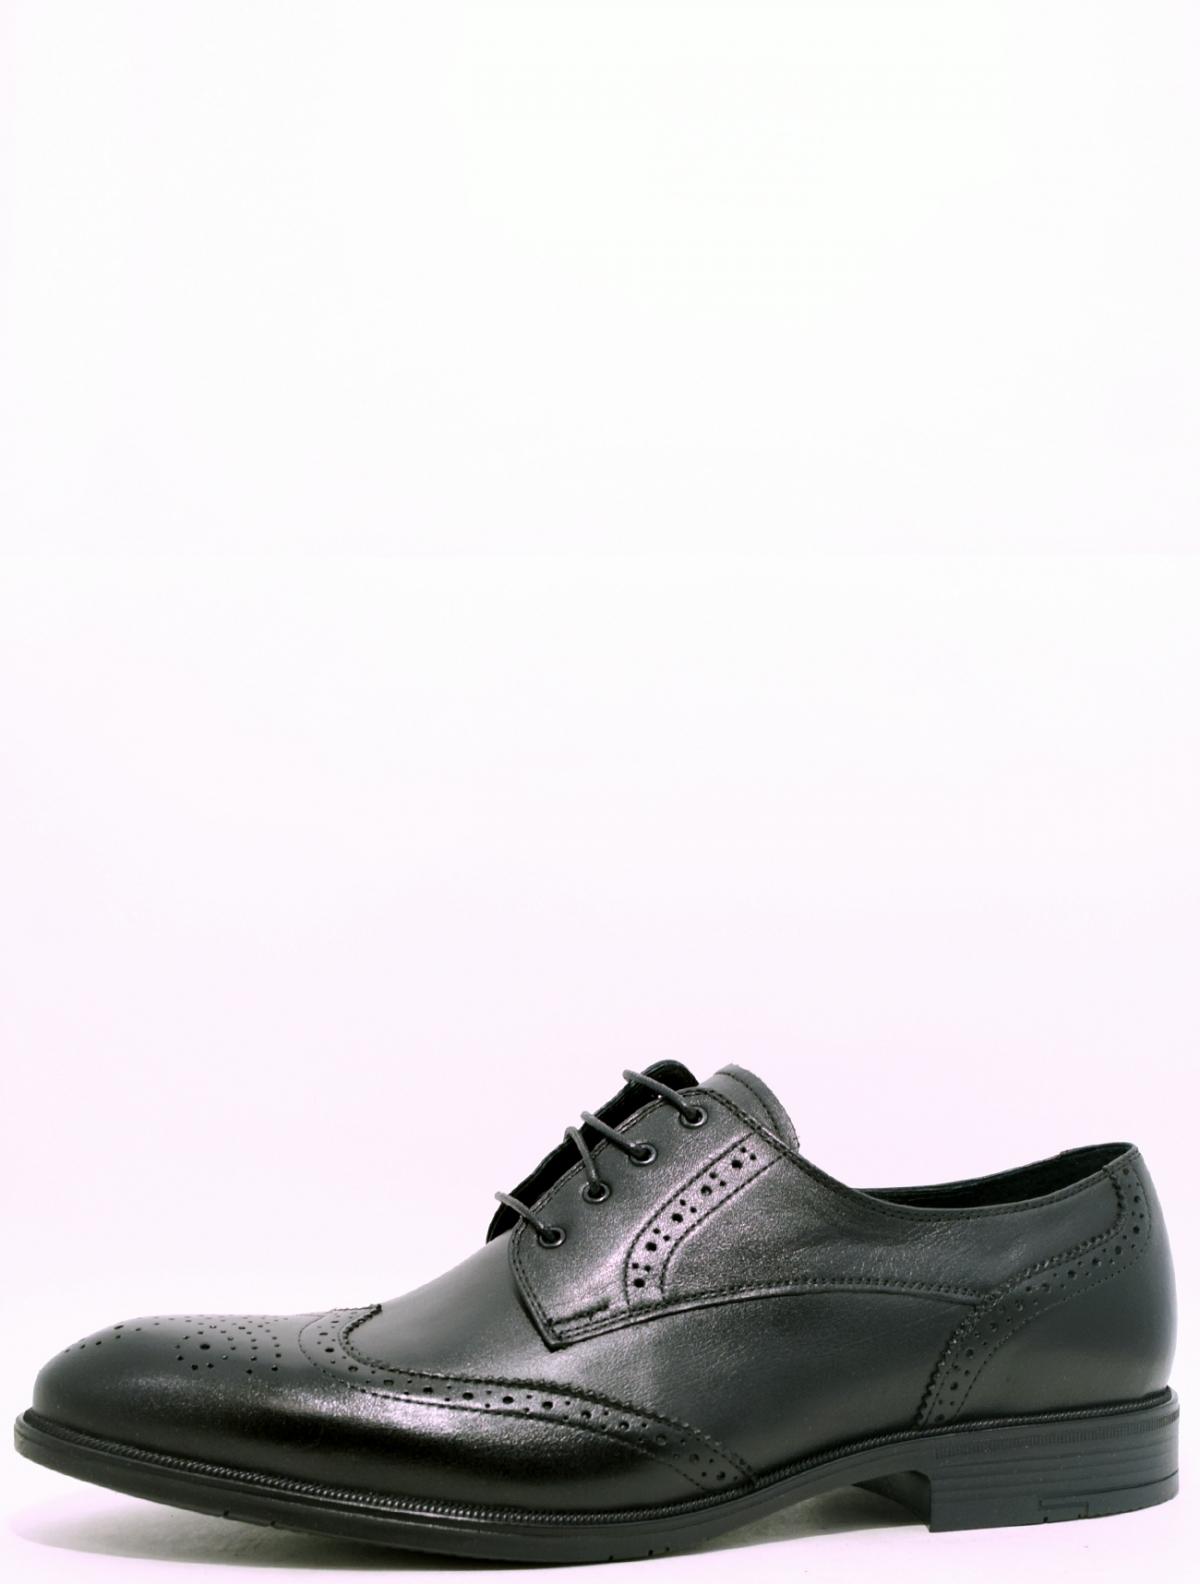 EDERRO 61900271 мужские туфли